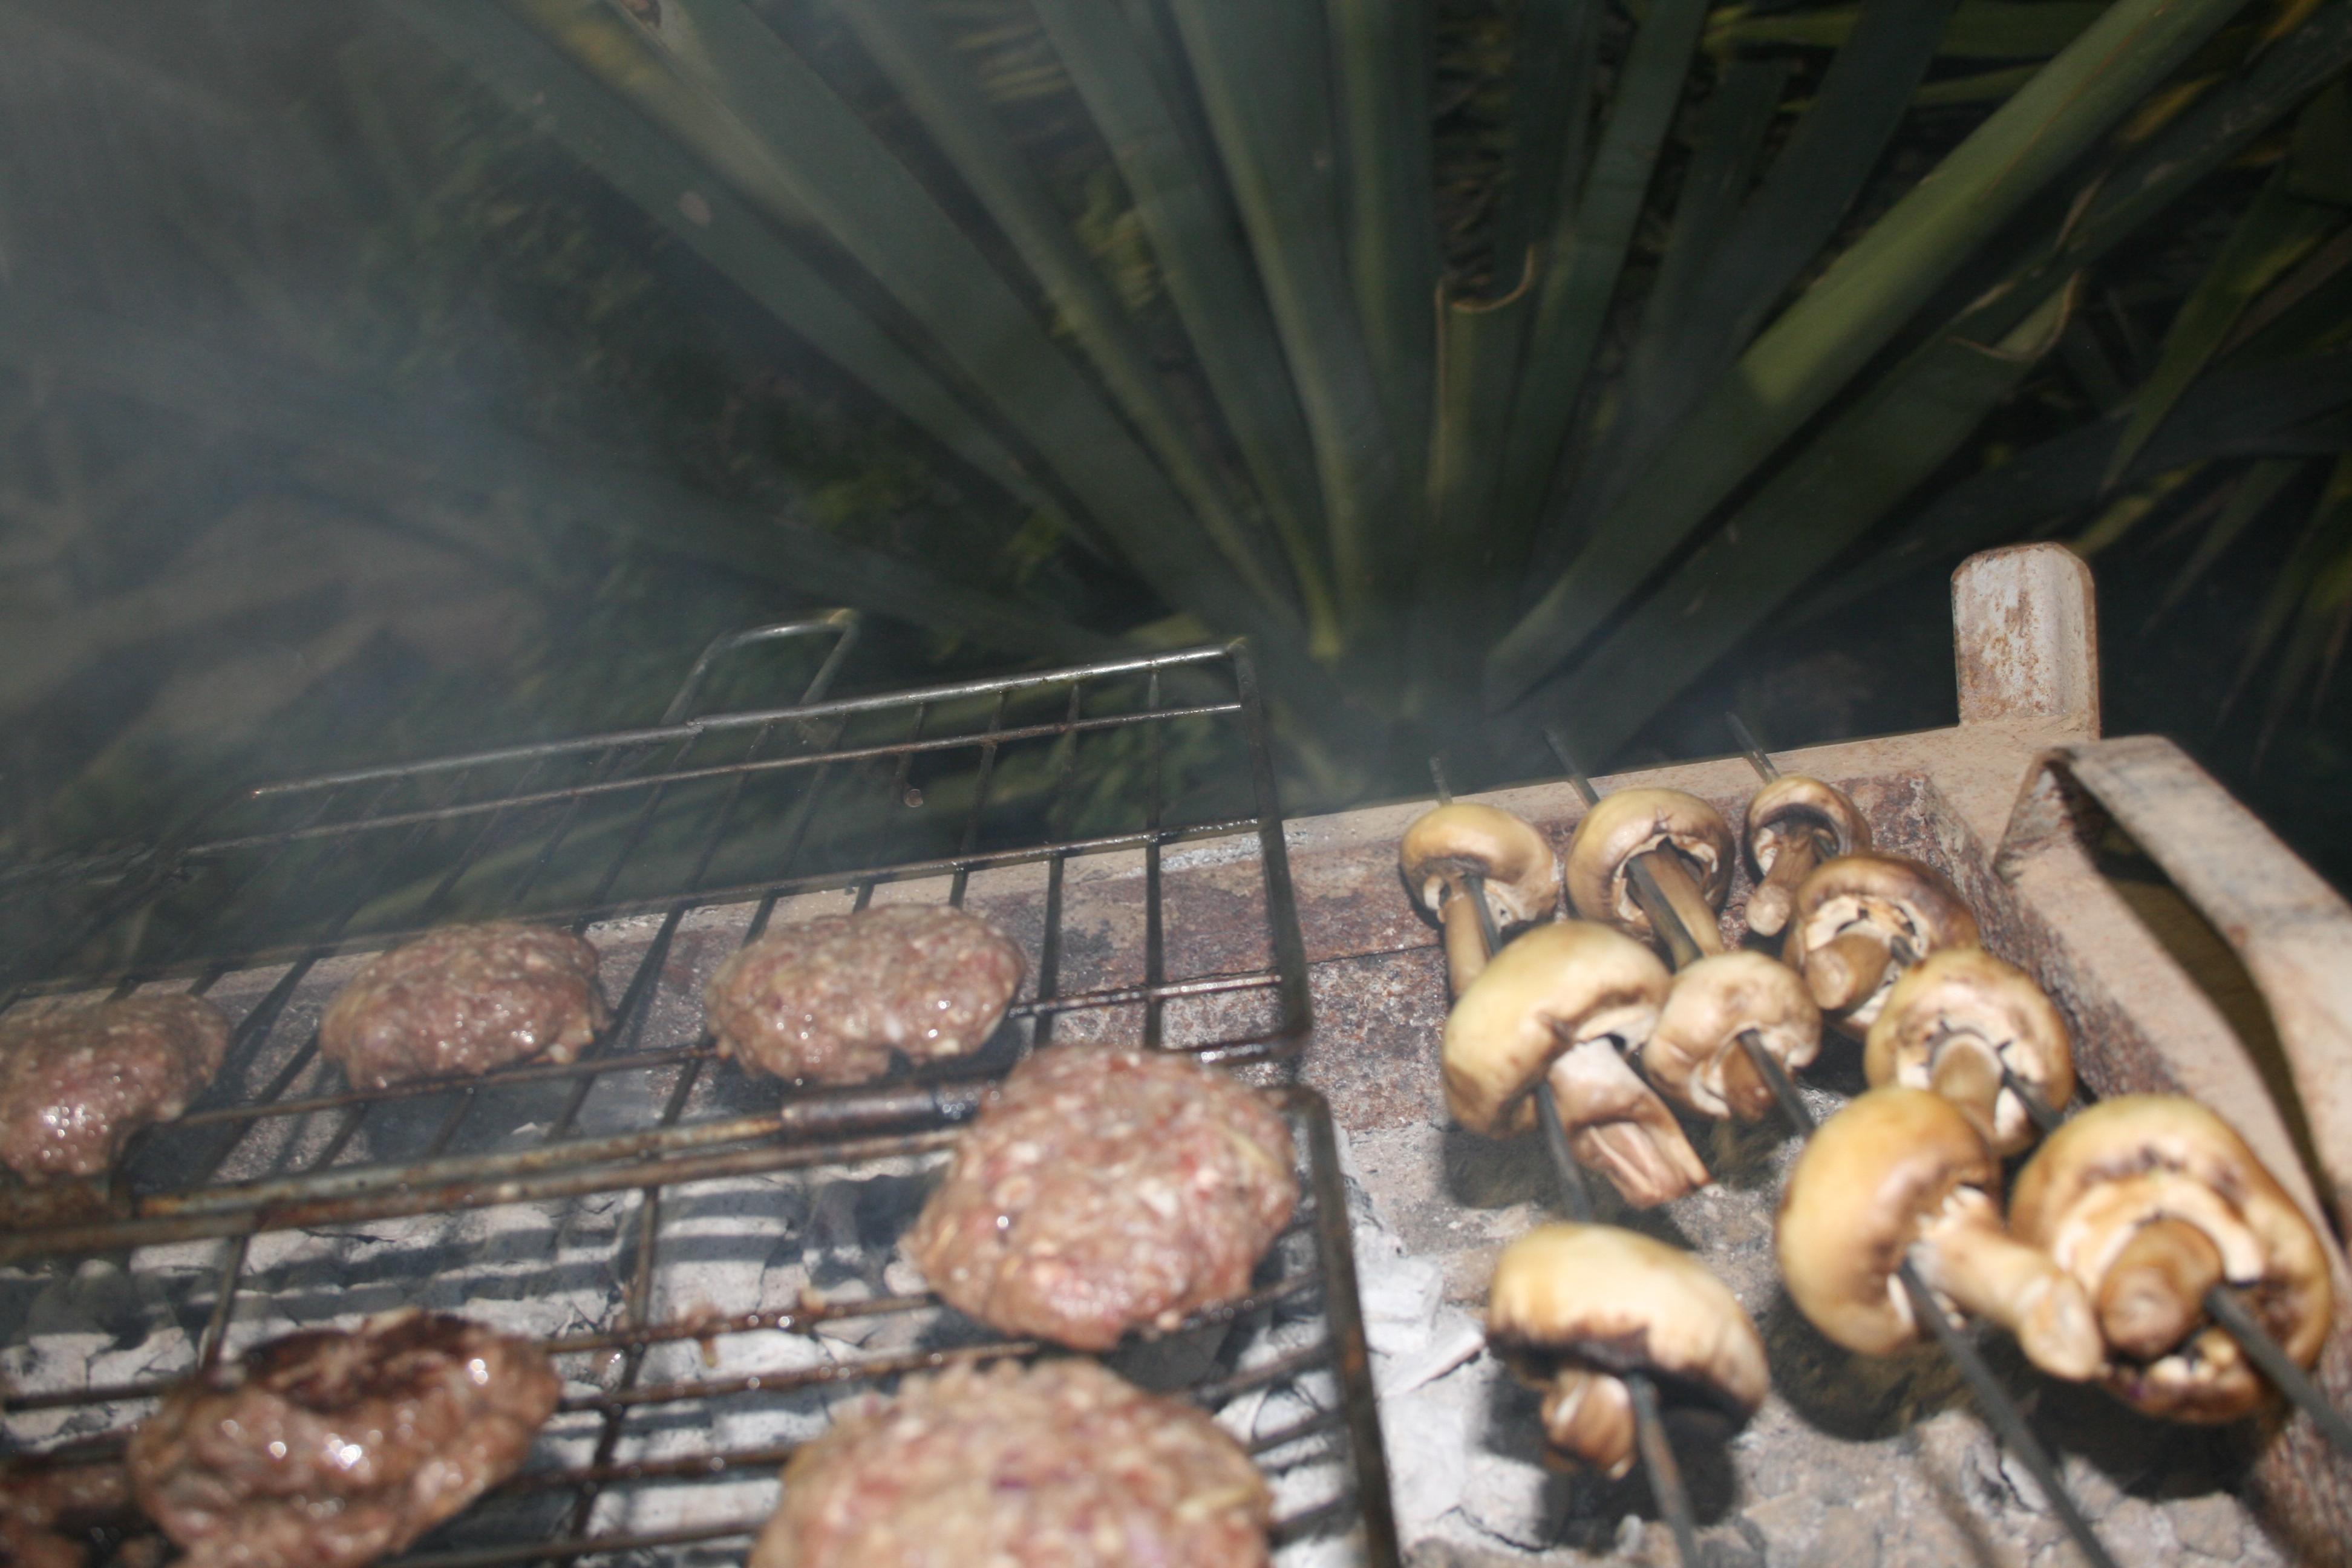 bbqing burgers